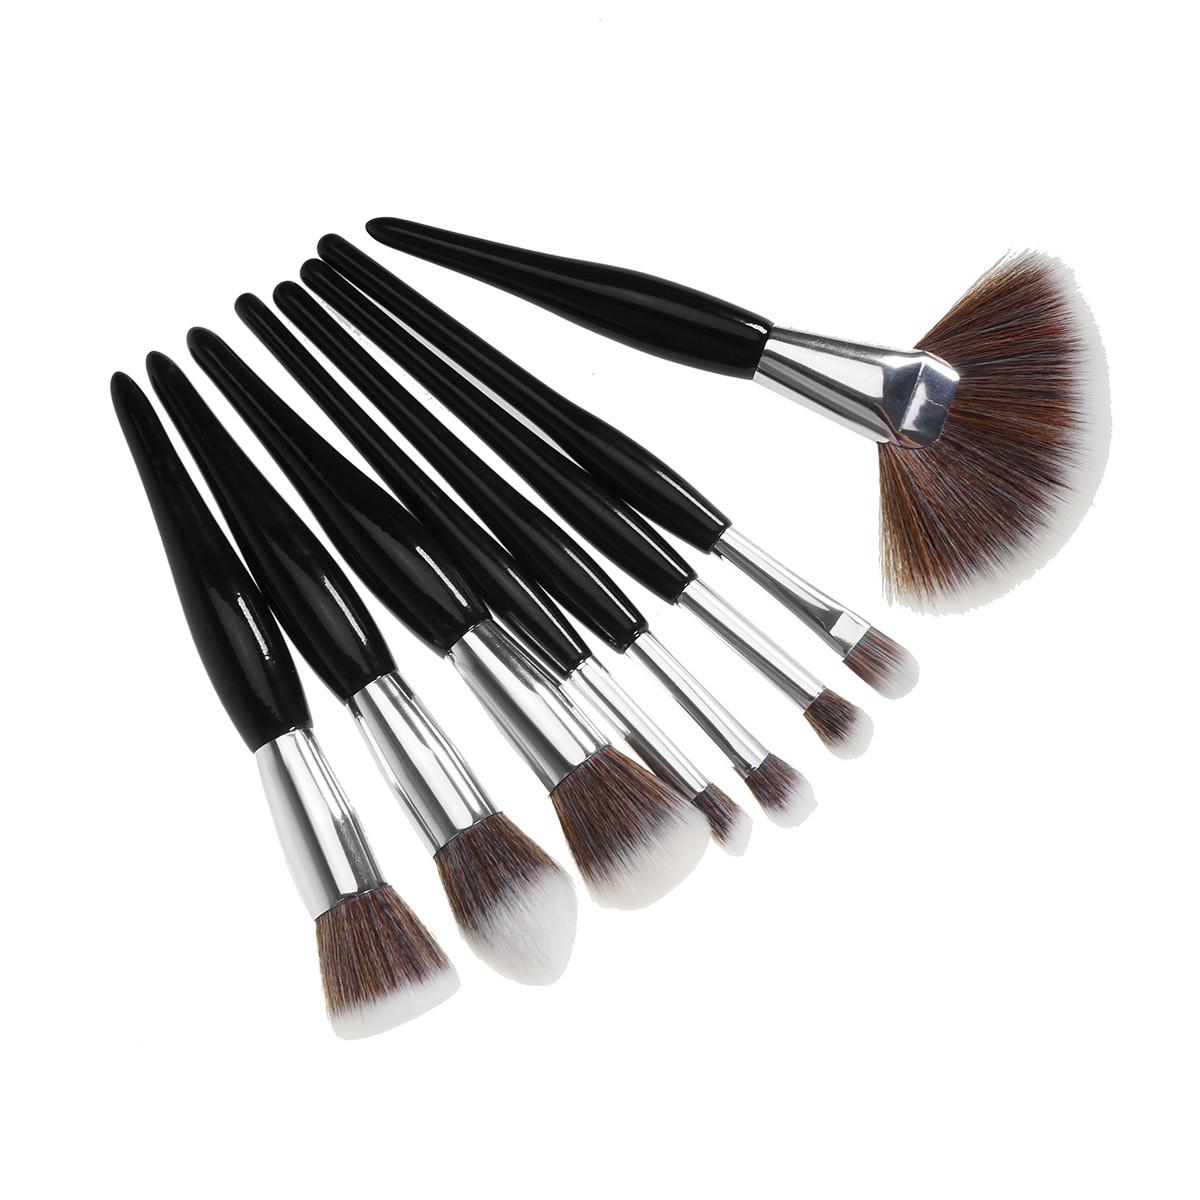 Набір кистей для макіяжу 8 шт, чорний